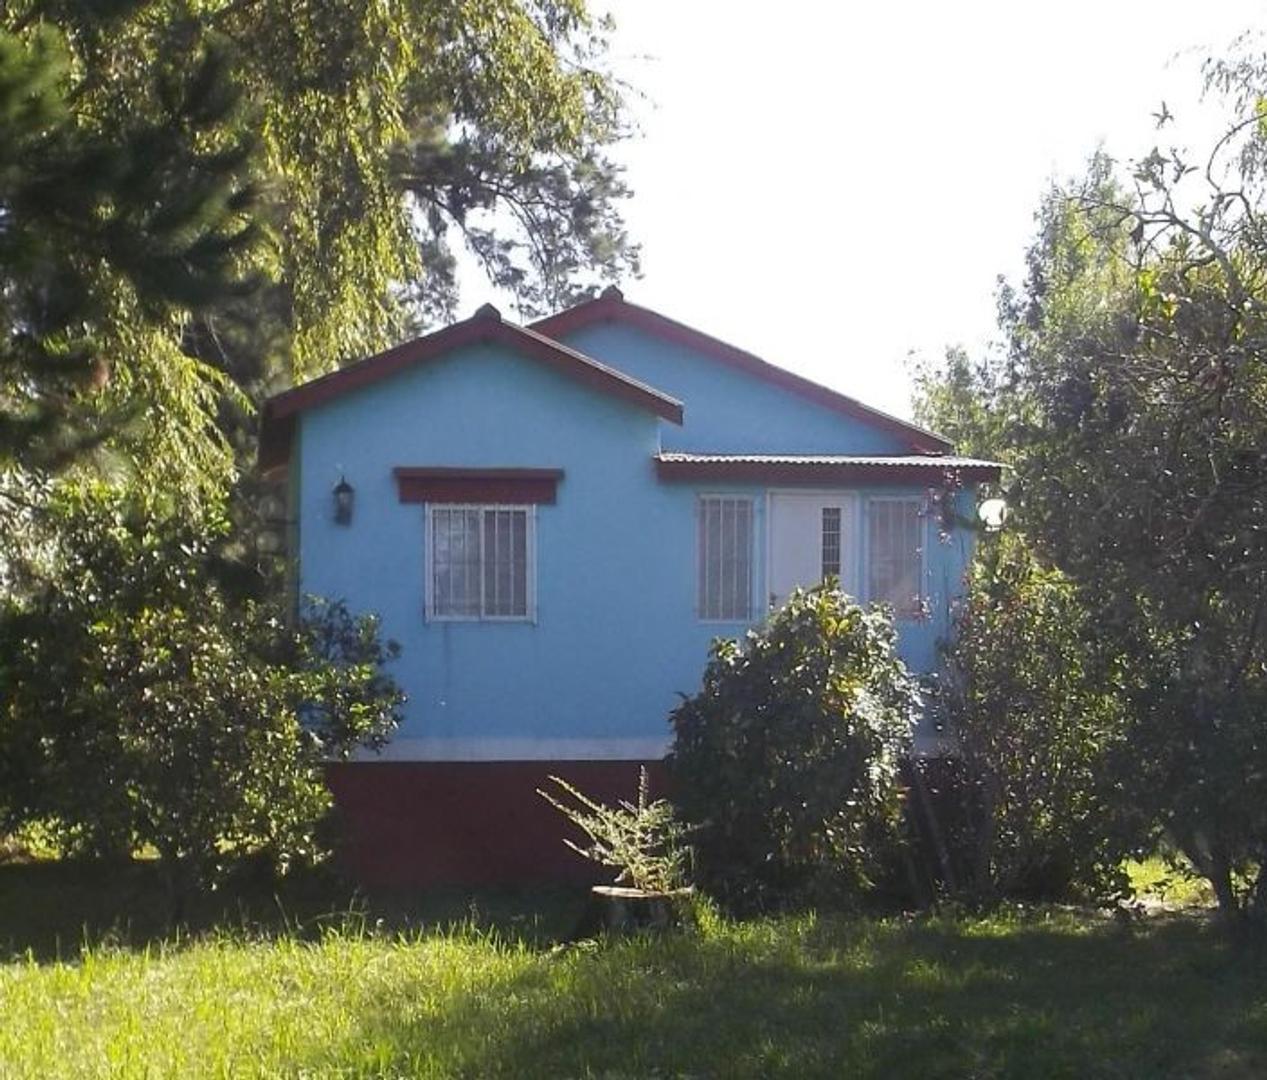 XINTEL(MBG-MBG-14) Casa - Venta - Argentina, Tigre